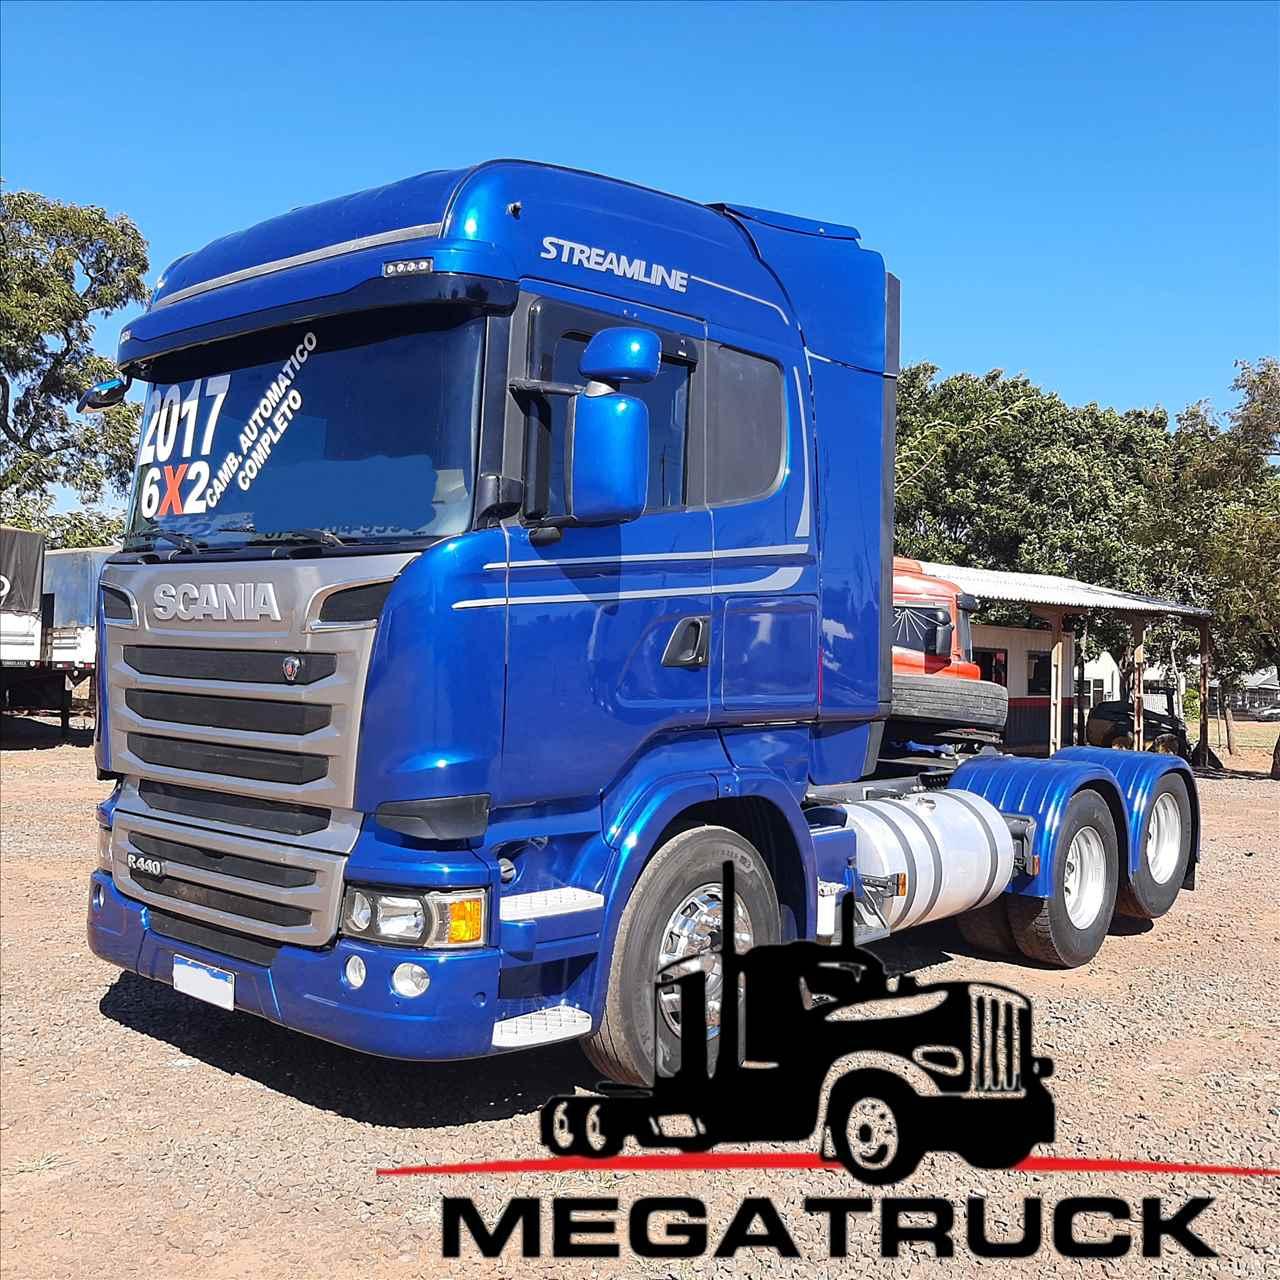 CAMINHAO SCANIA SCANIA 440 Cavalo Mecânico Truck 6x2 Megatruck Caminhões e Máquinas CAMPO GRANDE MATO GROSSO DO SUL MS